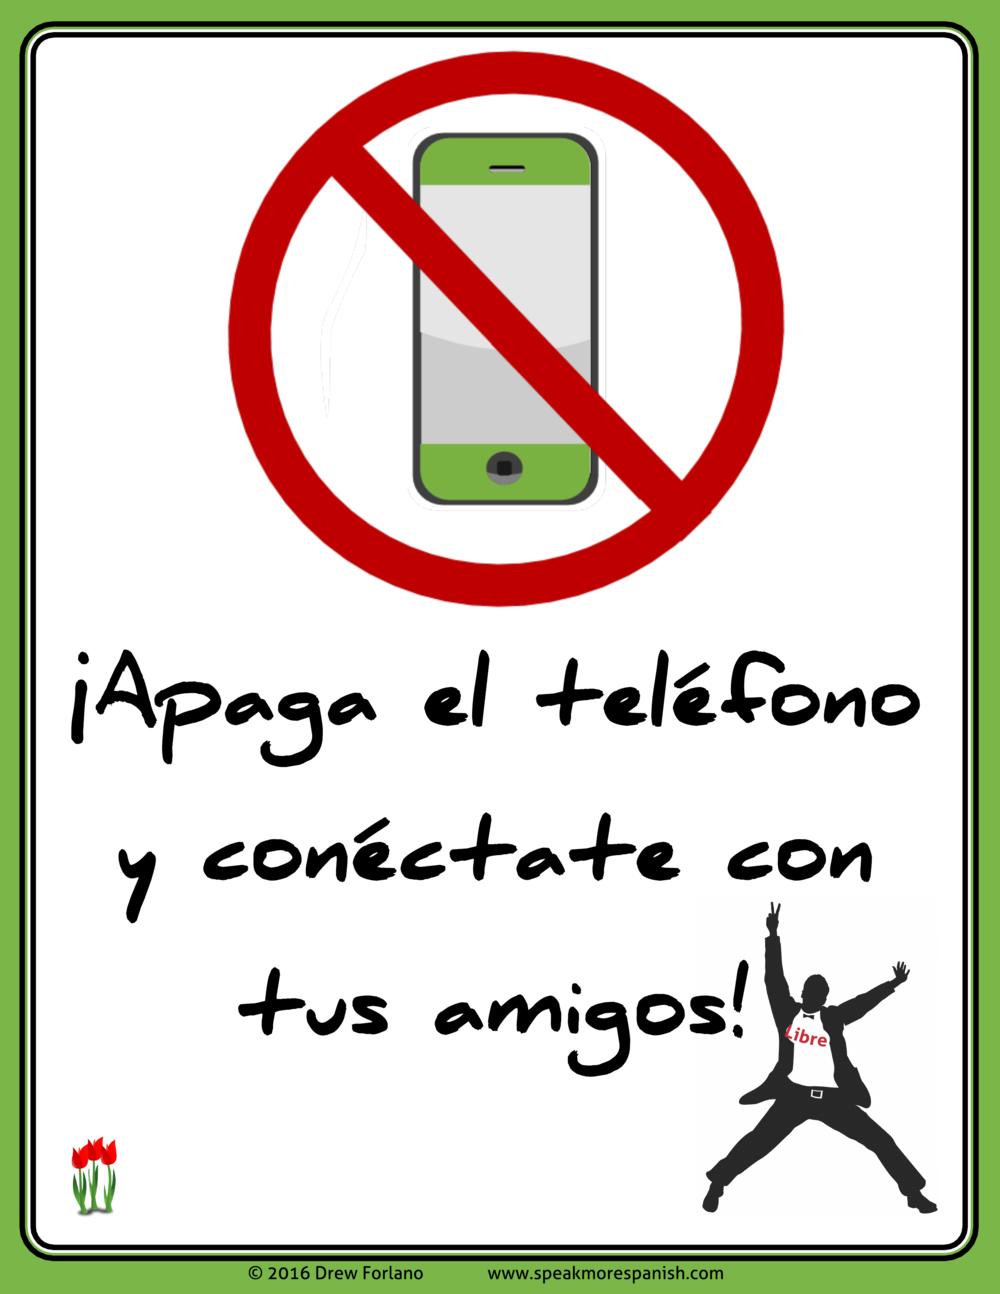 poster apaga el telefono - Untitled Page.png